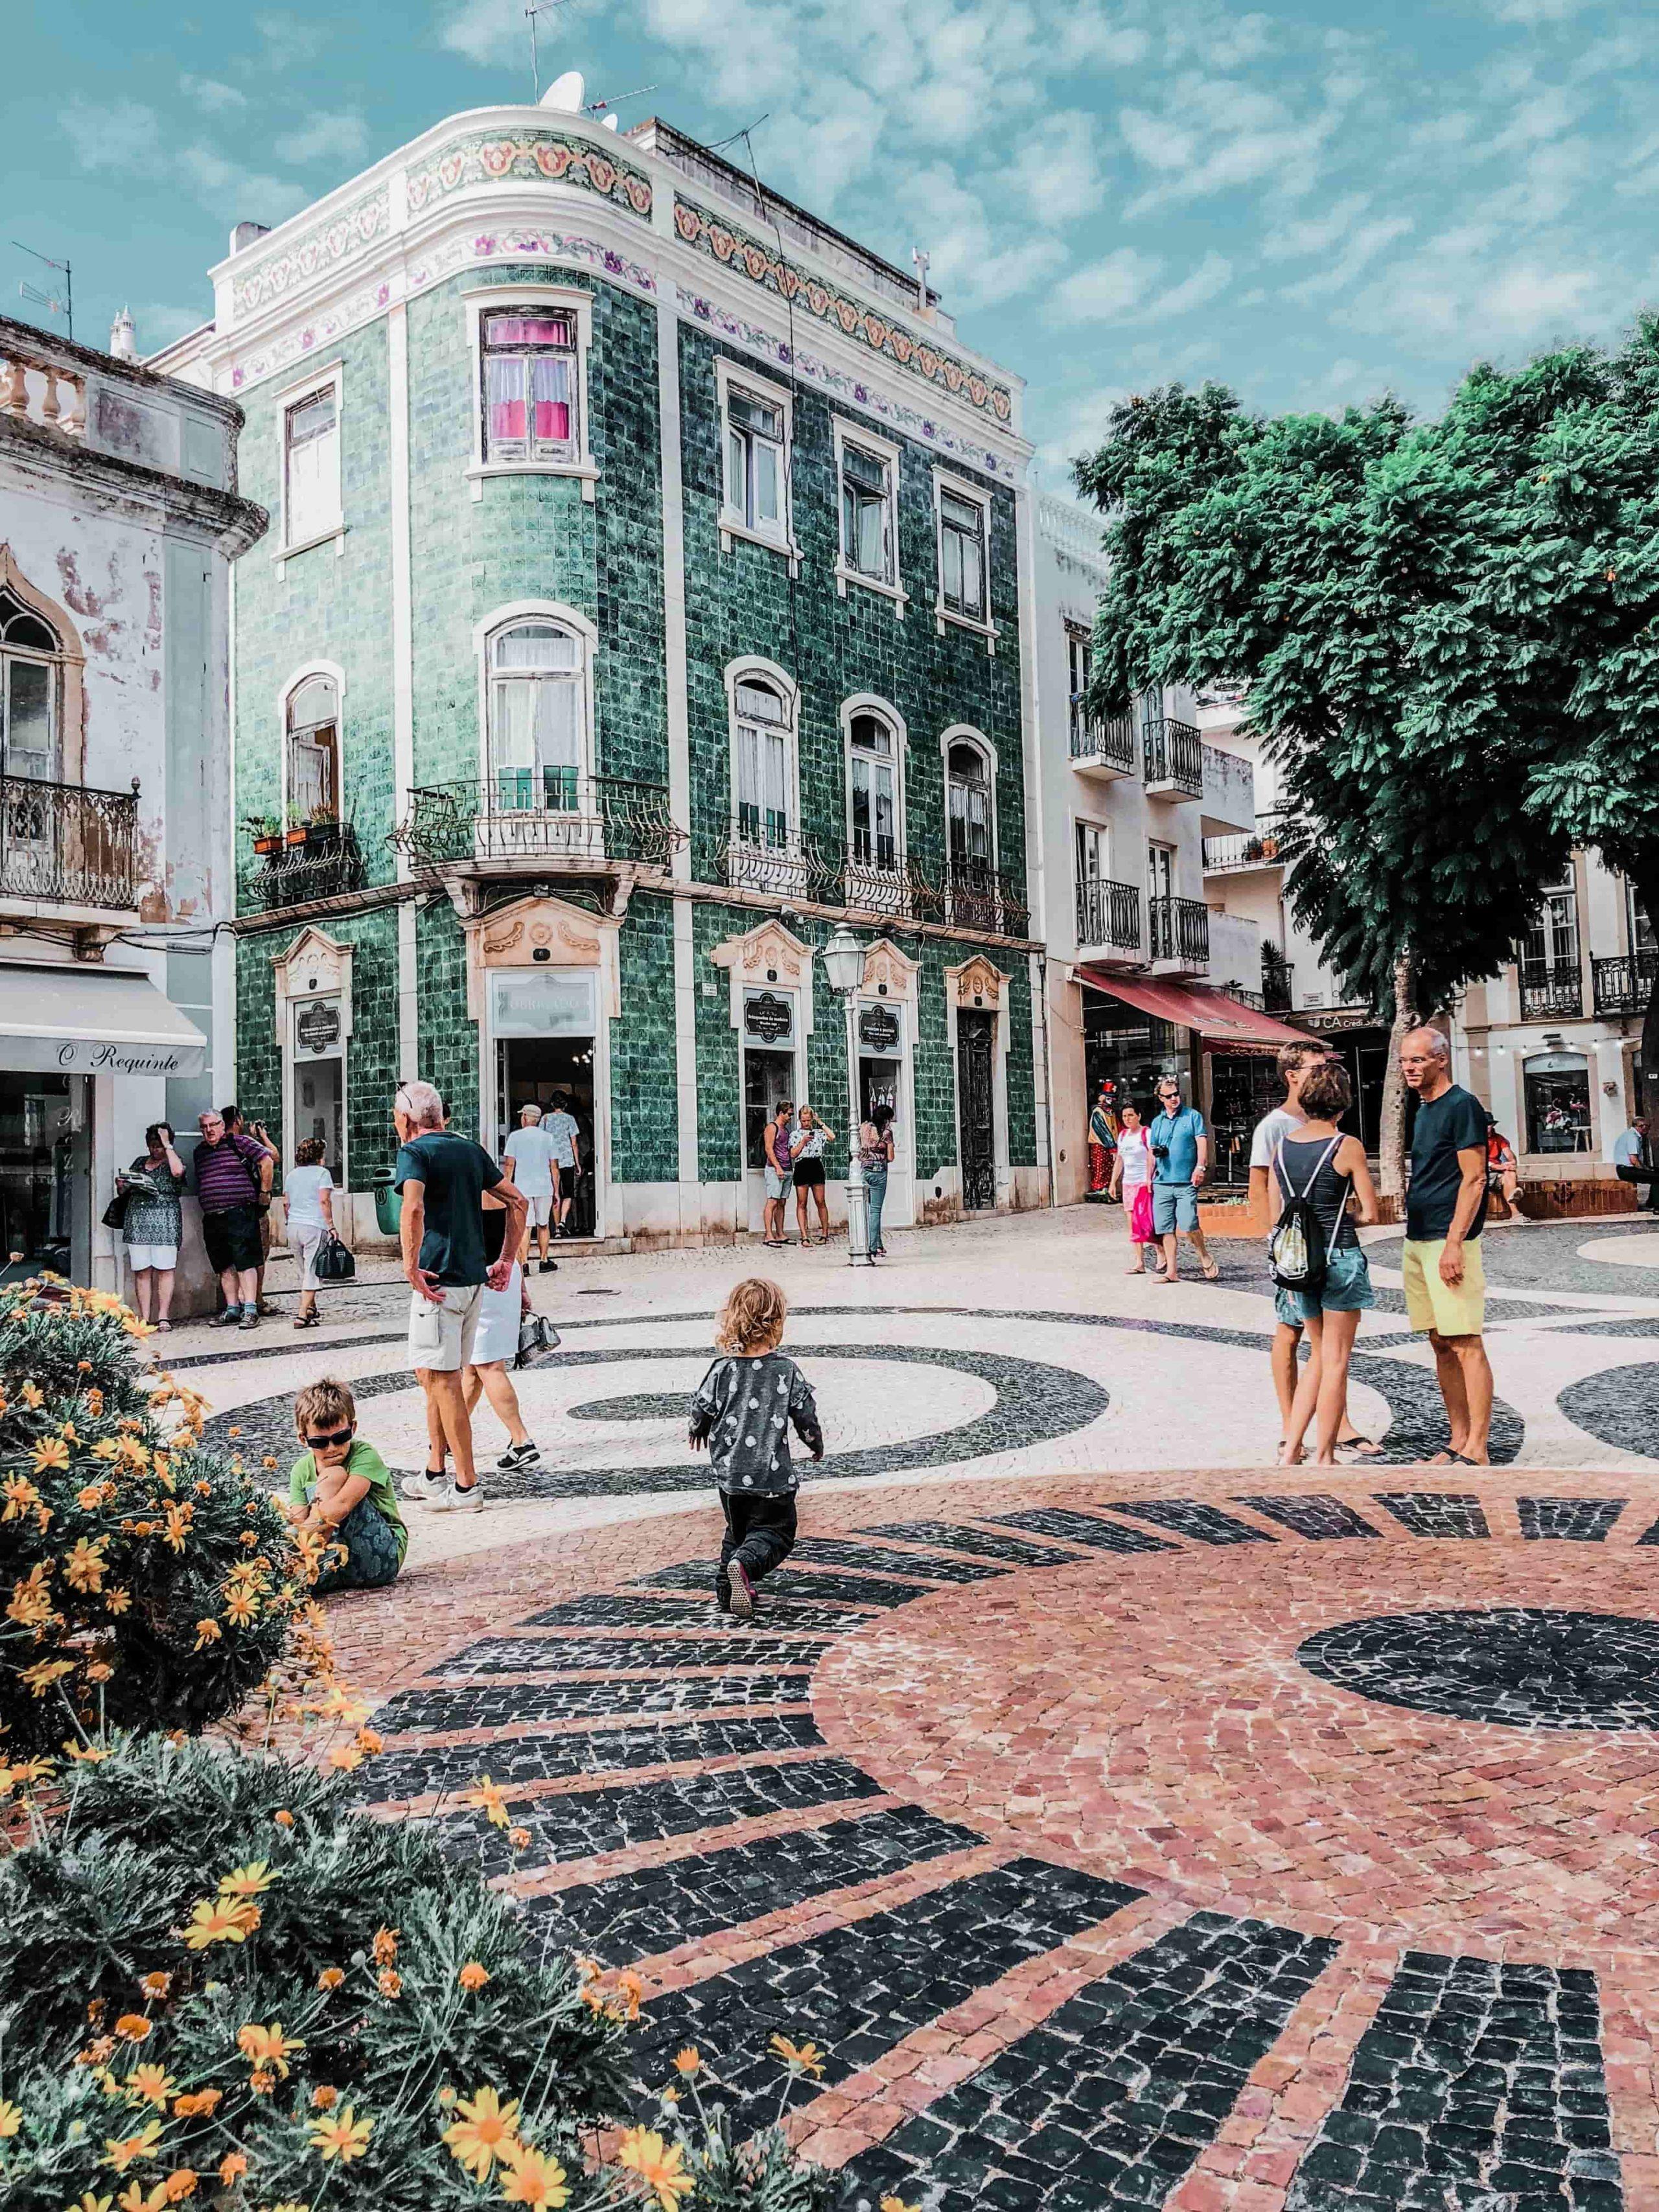 Städtereisen an Ostern, Tipps für Osterurlaub, Städtetrip an Ostern, Altstadt von Lagos an der portugiesischen Algarve